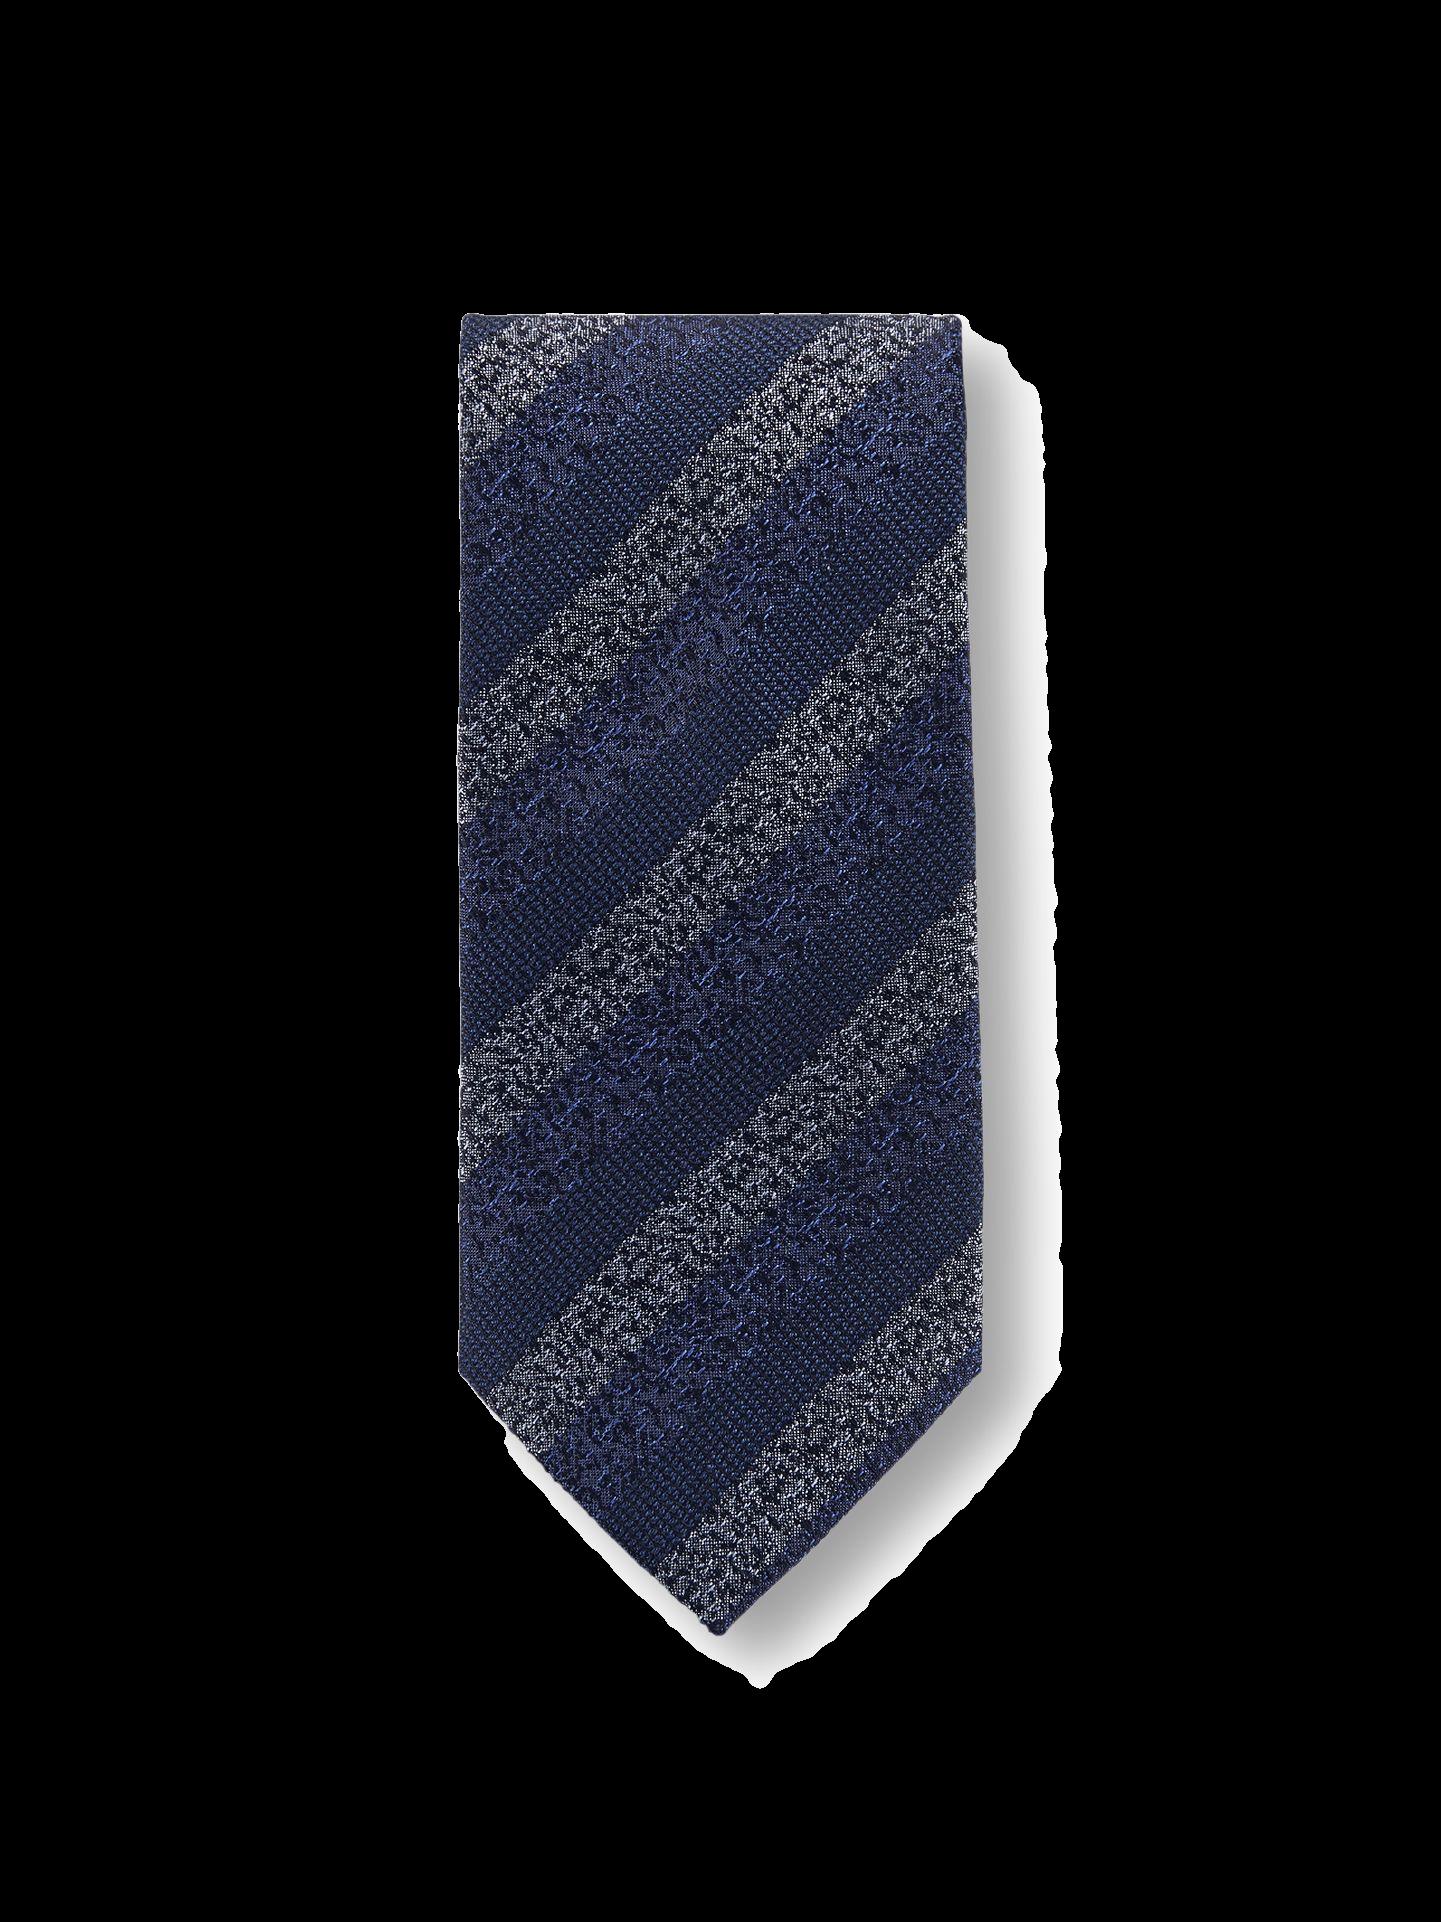 Krawatte mit blauen und grauen Streifen.